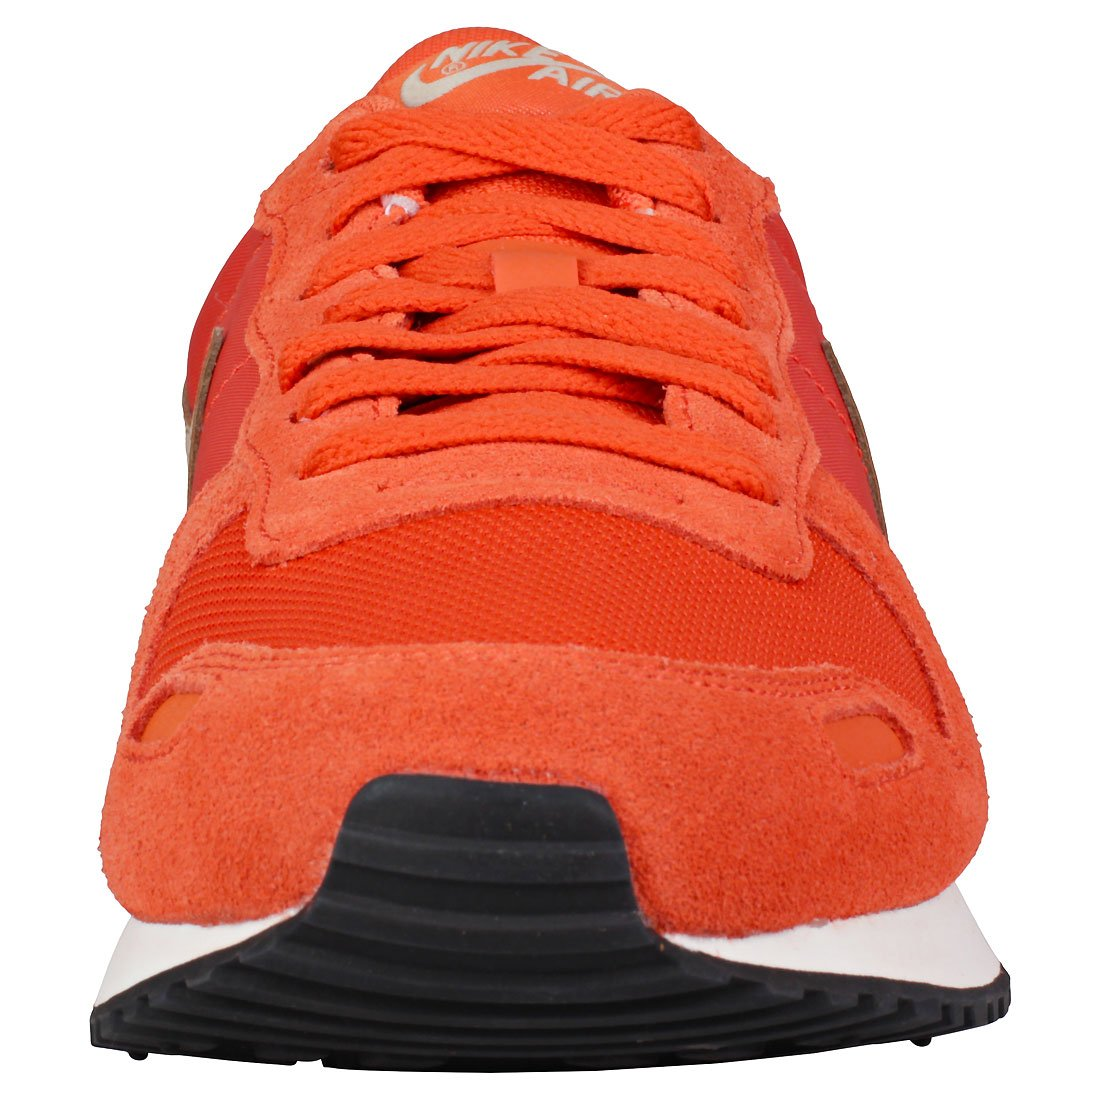 Nike hypervenom phantom AG 599808 700 - Scarpe da calcio da uomo